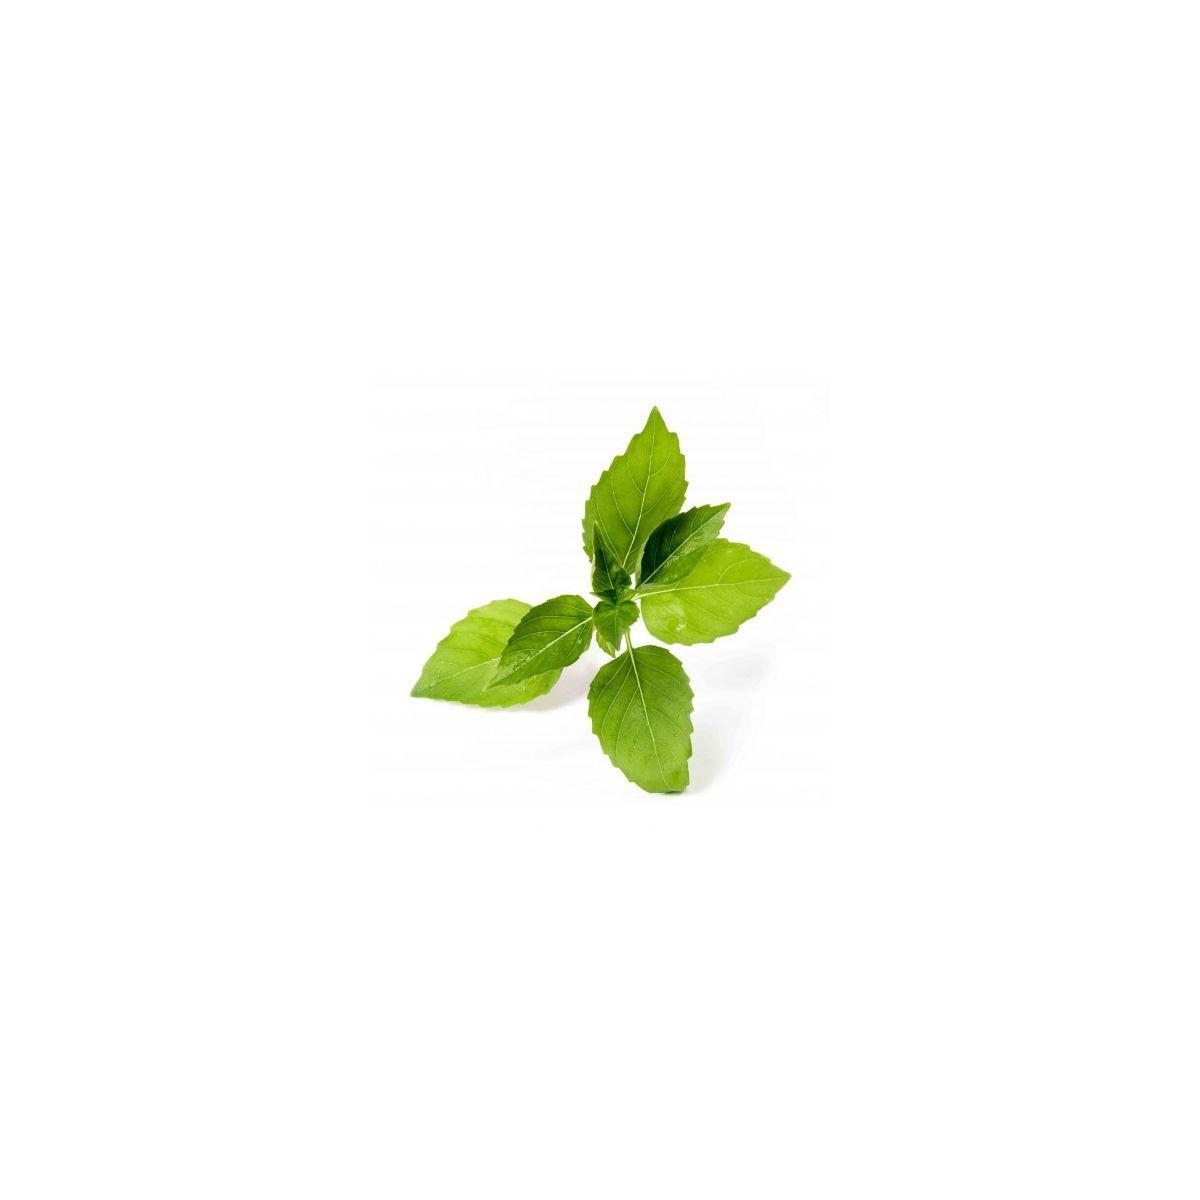 Recharge veritable basilic citron bio - 10% de remise imm�diate avec le code : priv10 (photo)